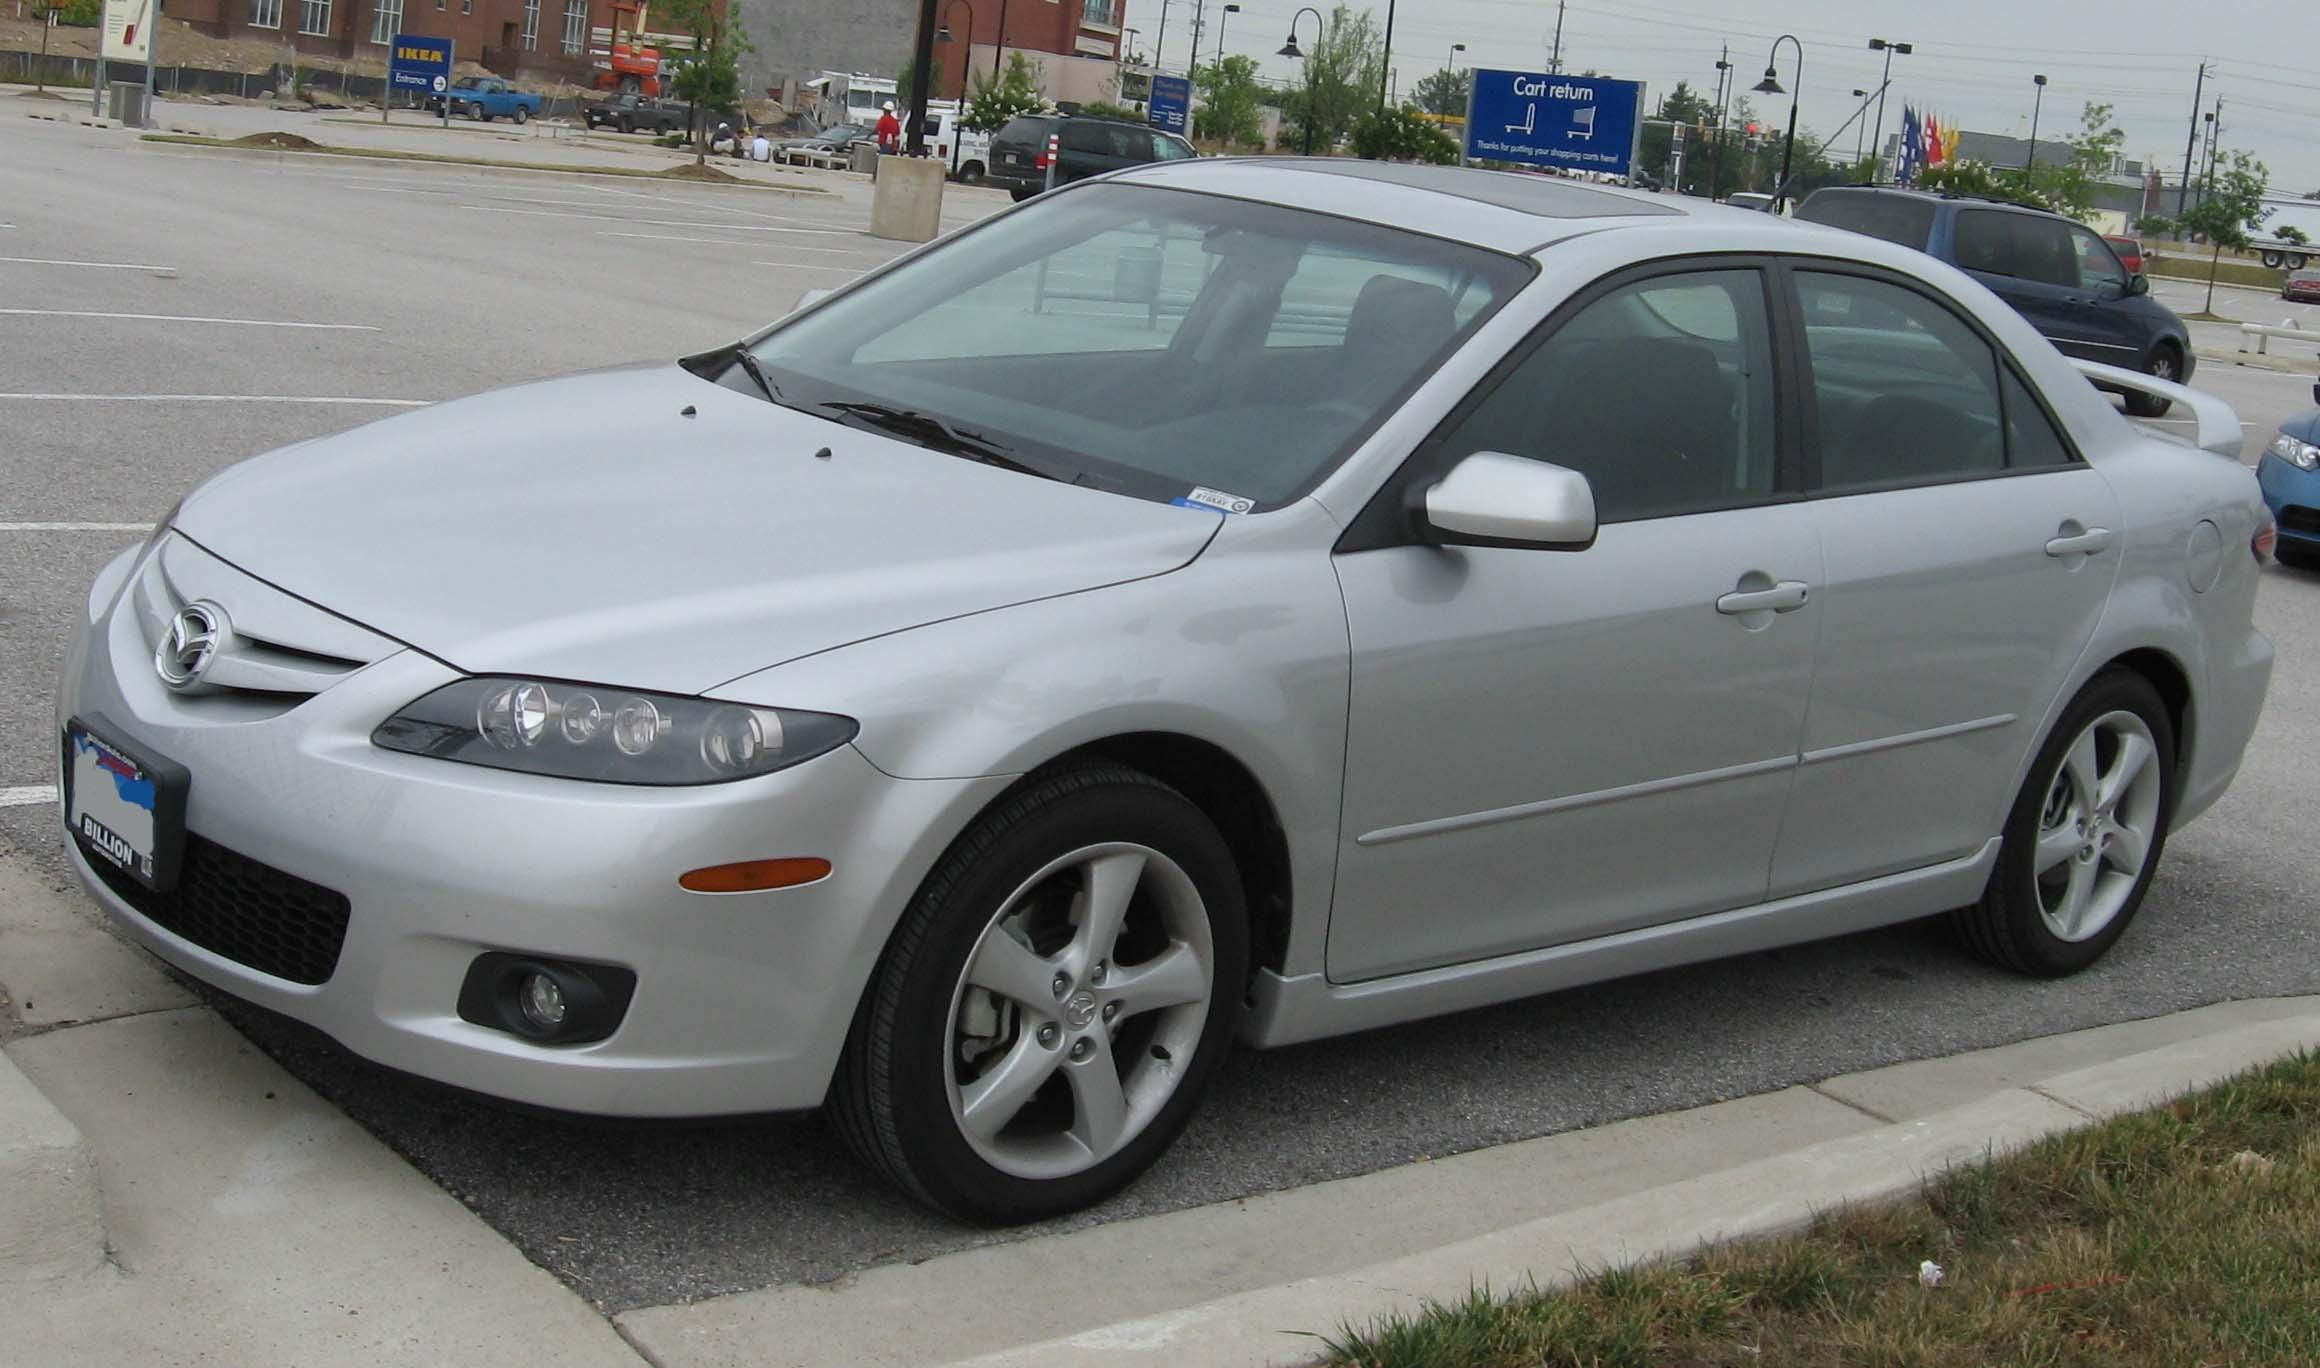 2007 Mazda 6 Partsopen 2006 Fuel Filter Src